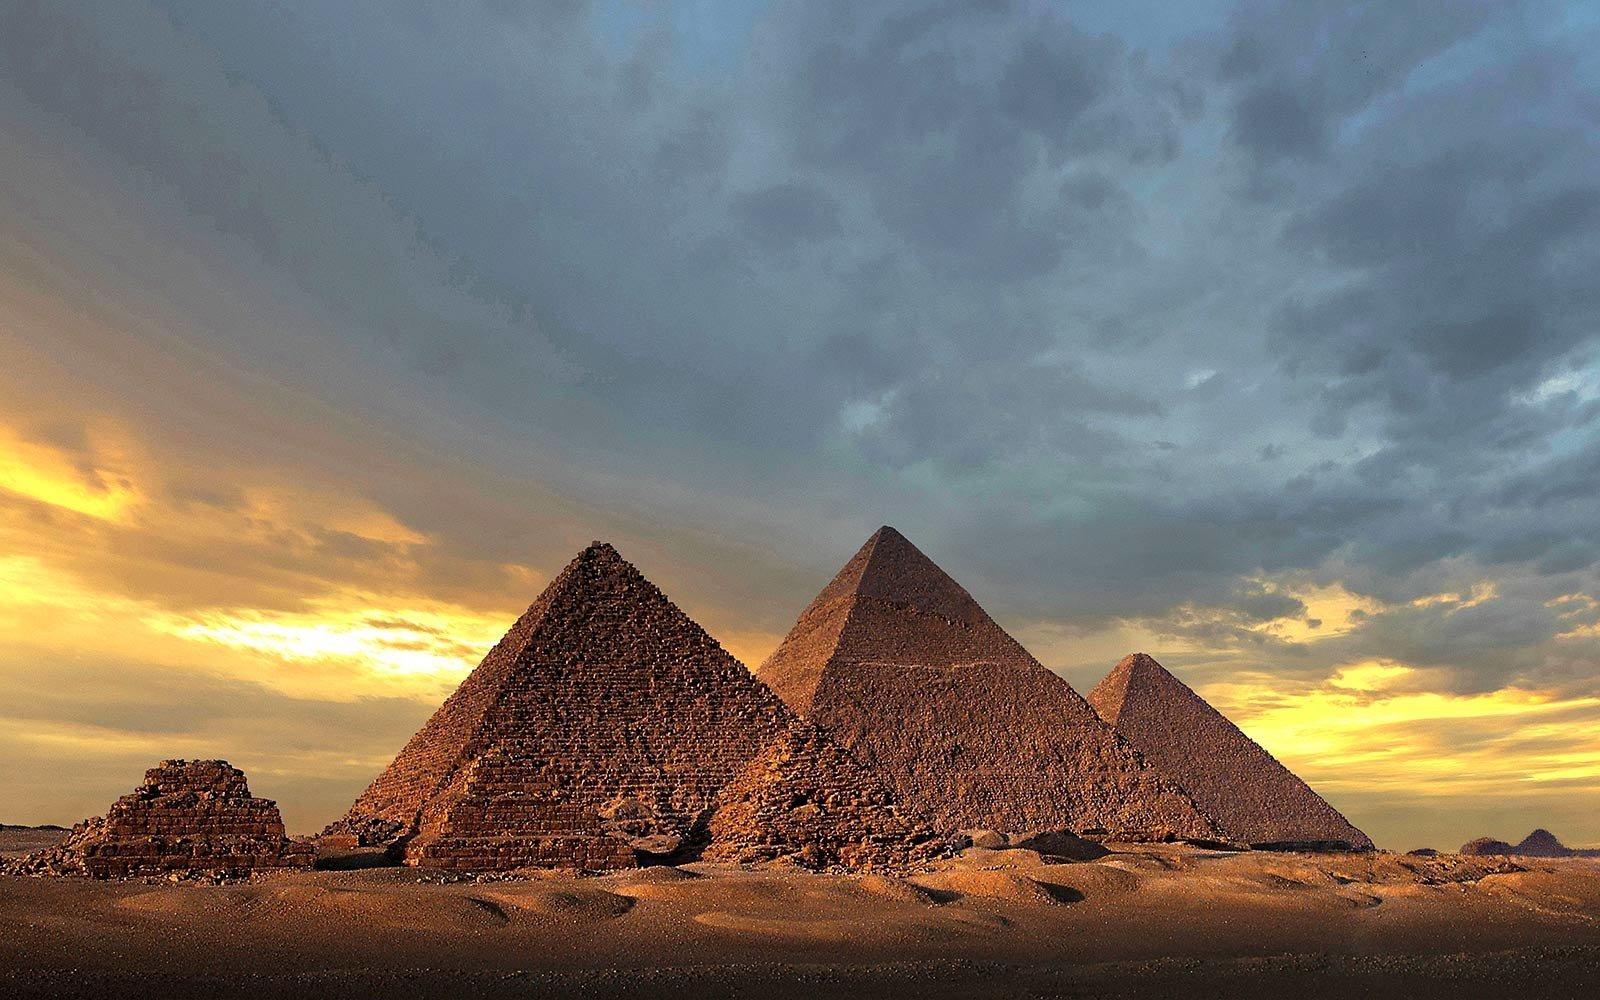 Rahasia Di Balik 8 Bangunan Kuno Paling Megah Masih Berdiri Kokoh Padahal Tanpa Teknologi Modern Bangunan tertua di dunia